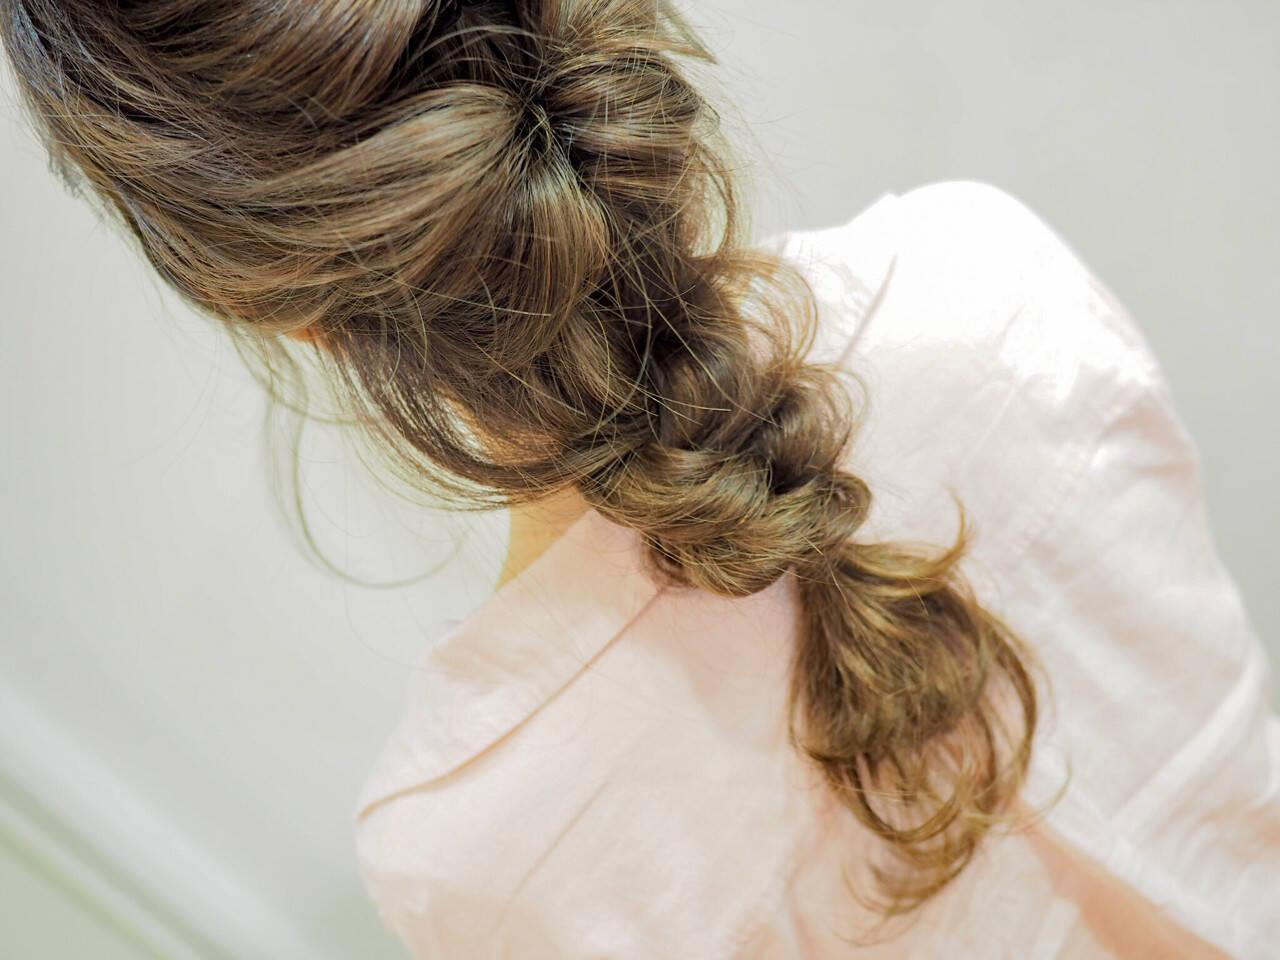 セミロング ヘアアレンジ 簡単ヘアアレンジ ナチュラルヘアスタイルや髪型の写真・画像